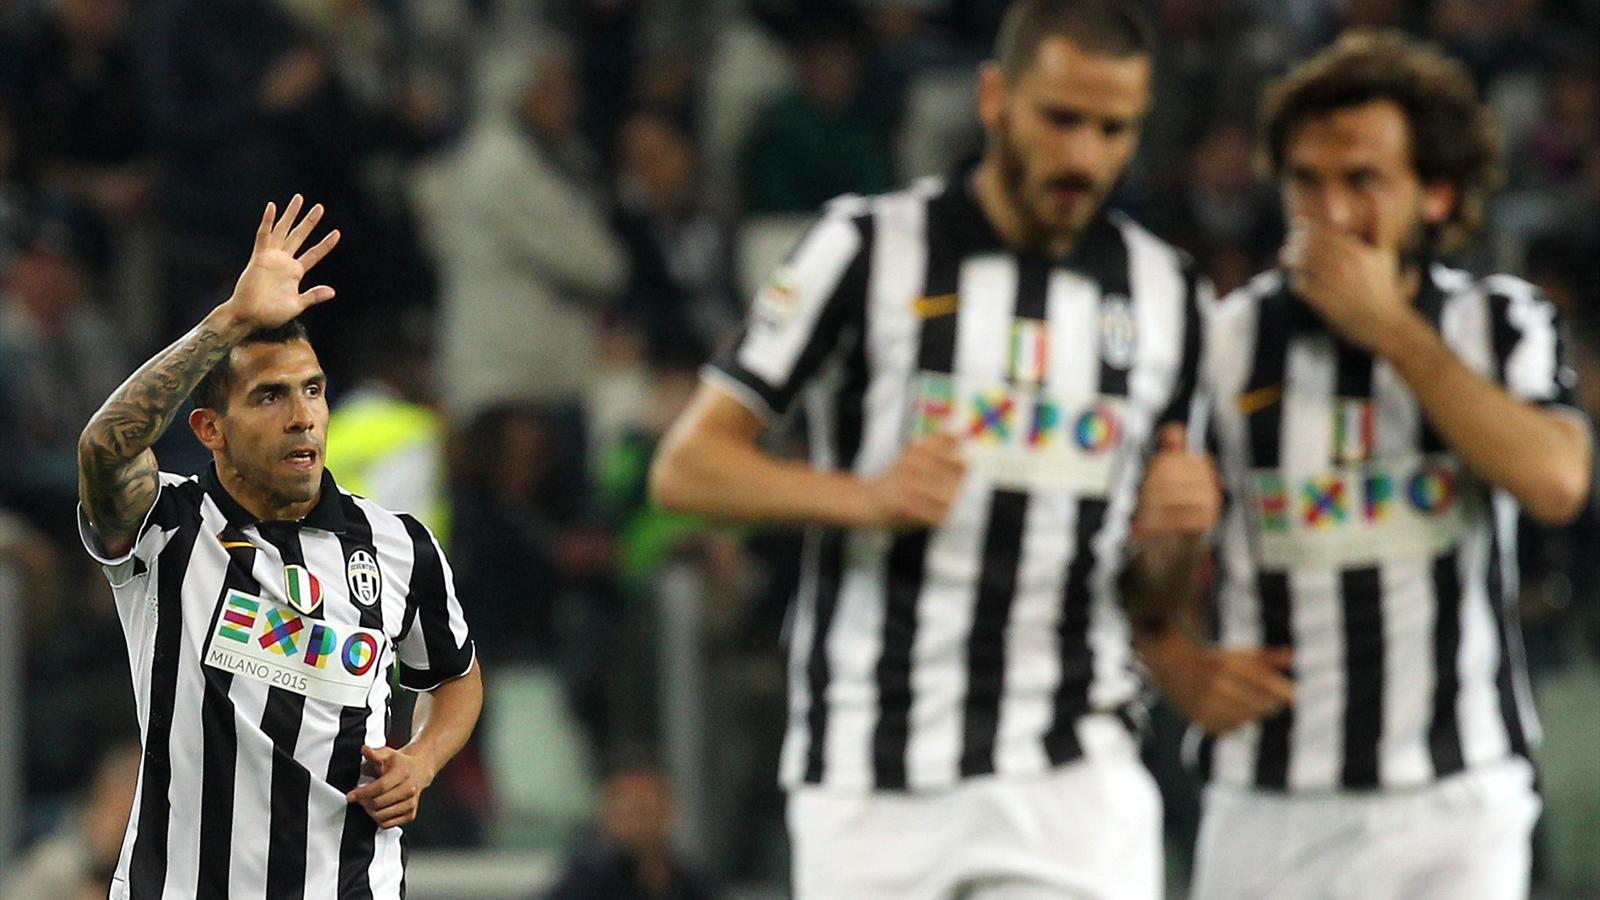 Le topic de la Juventus de Turin, tout sur la vieille dame ! - Page 9 1459615-31189276-1600-900